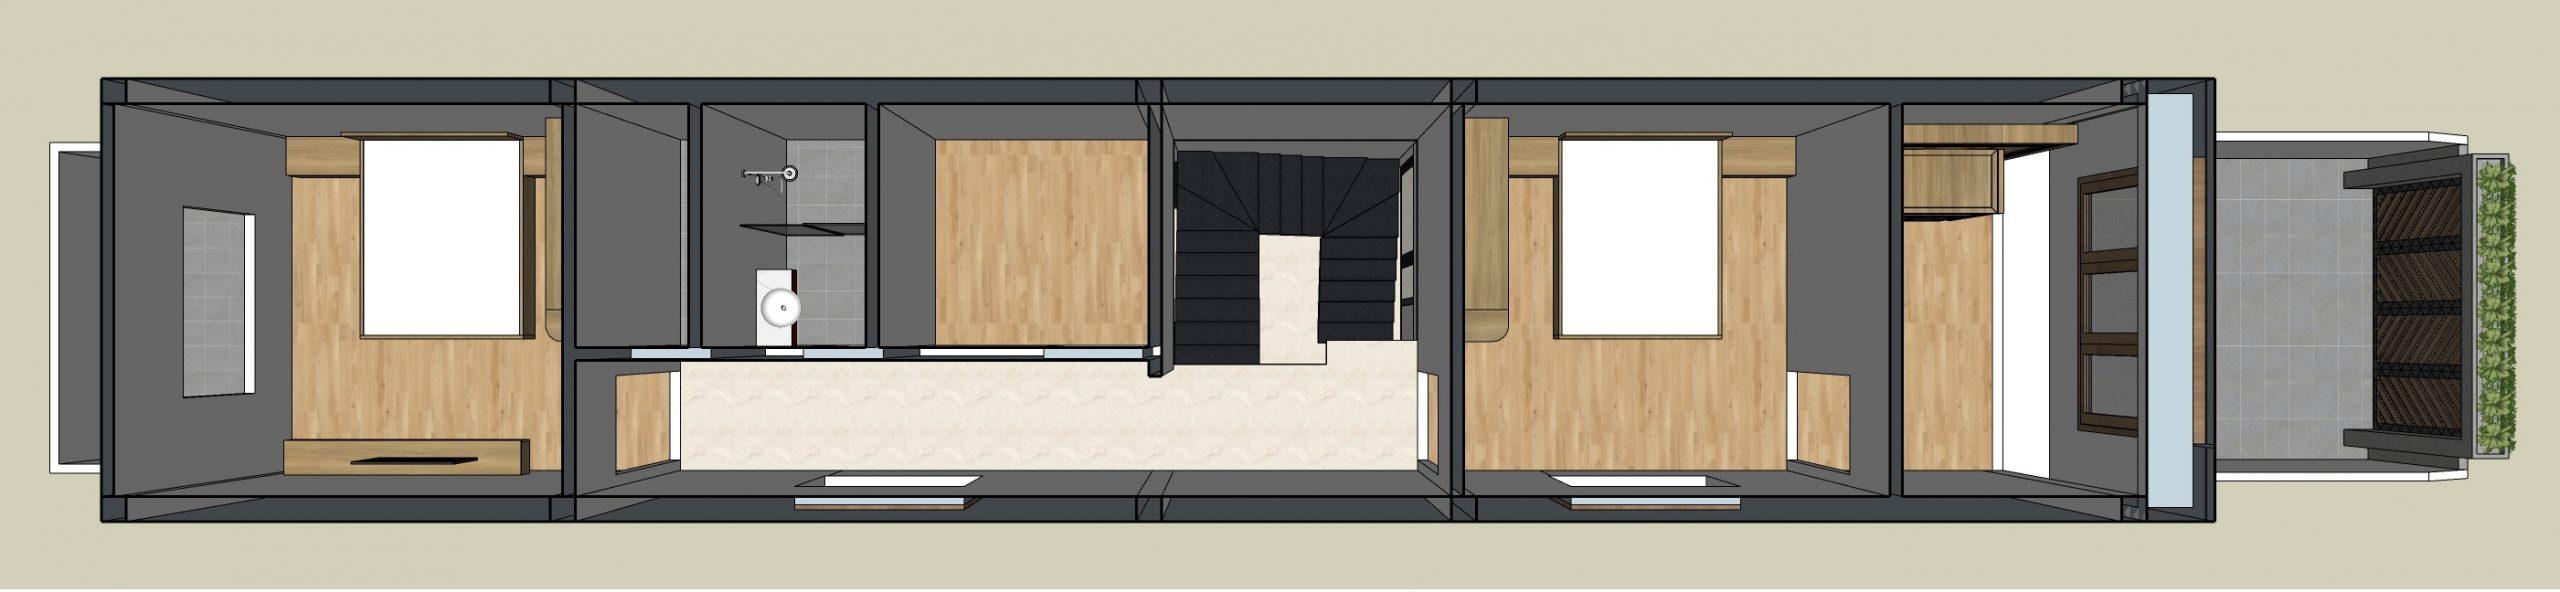 Mặt bằng nội thất tầng 2